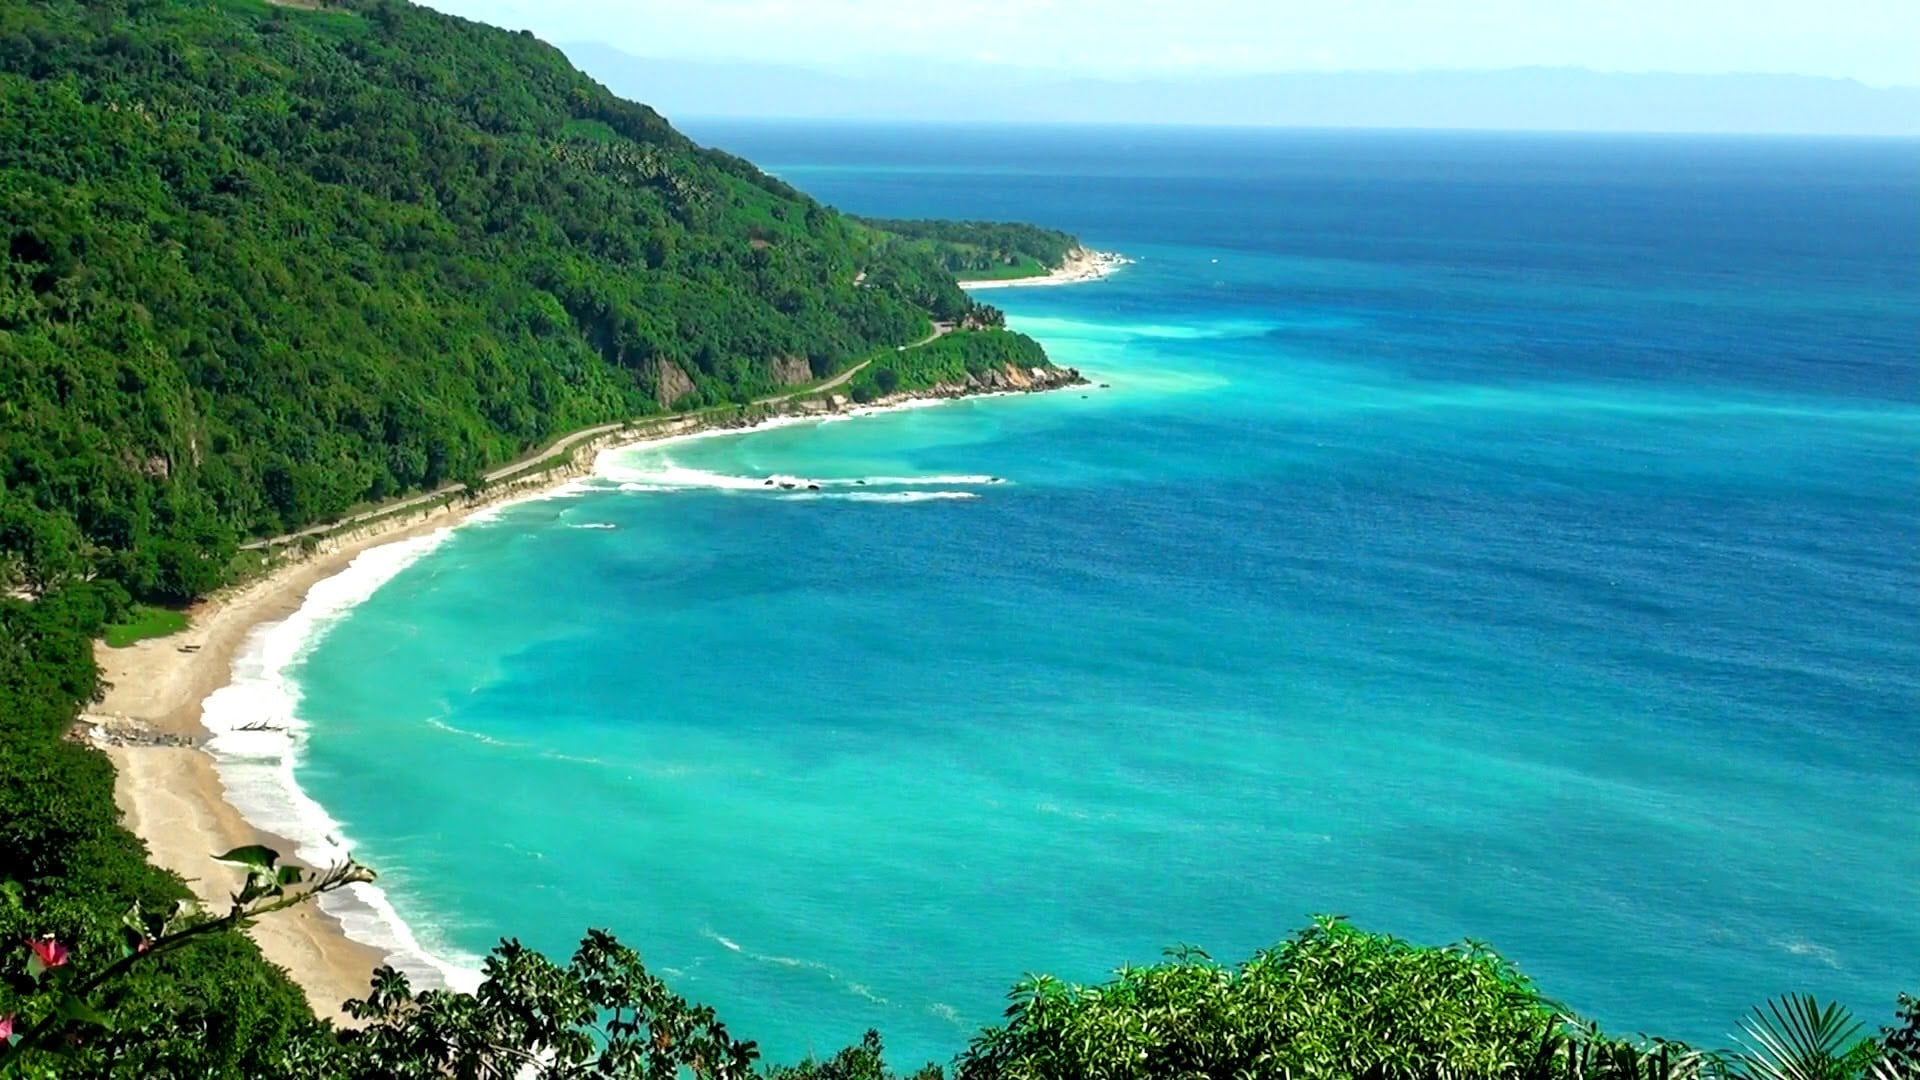 چرا رنگ آبی دریای کارائیب اینقدر زیبا و متفاوت از دریاهای دیگر است؟